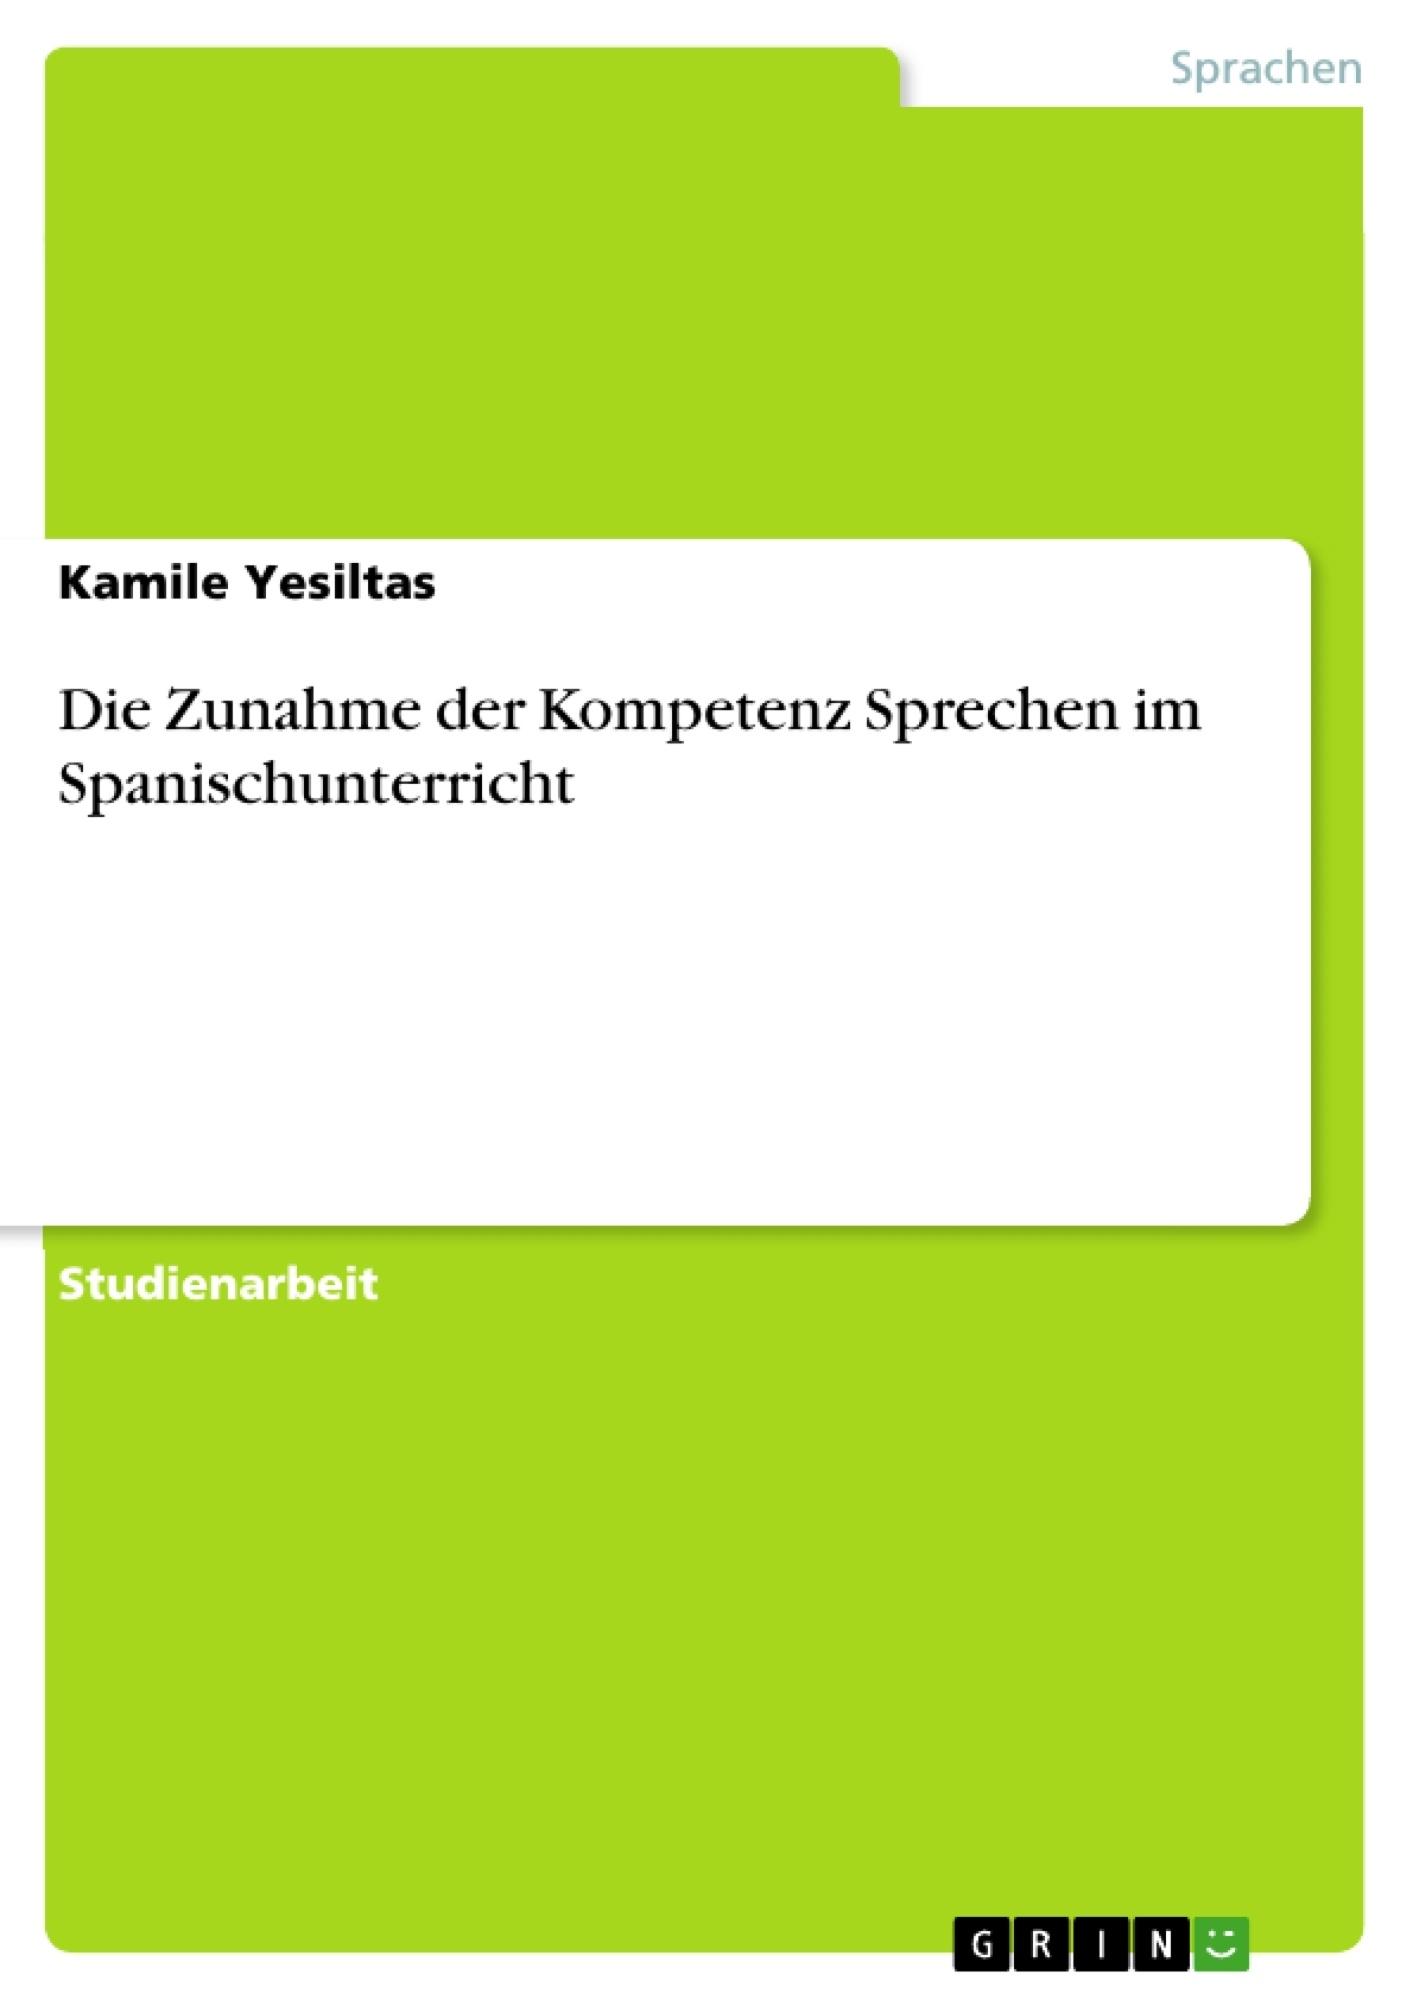 Titel: Die Zunahme der Kompetenz Sprechen im Spanischunterricht